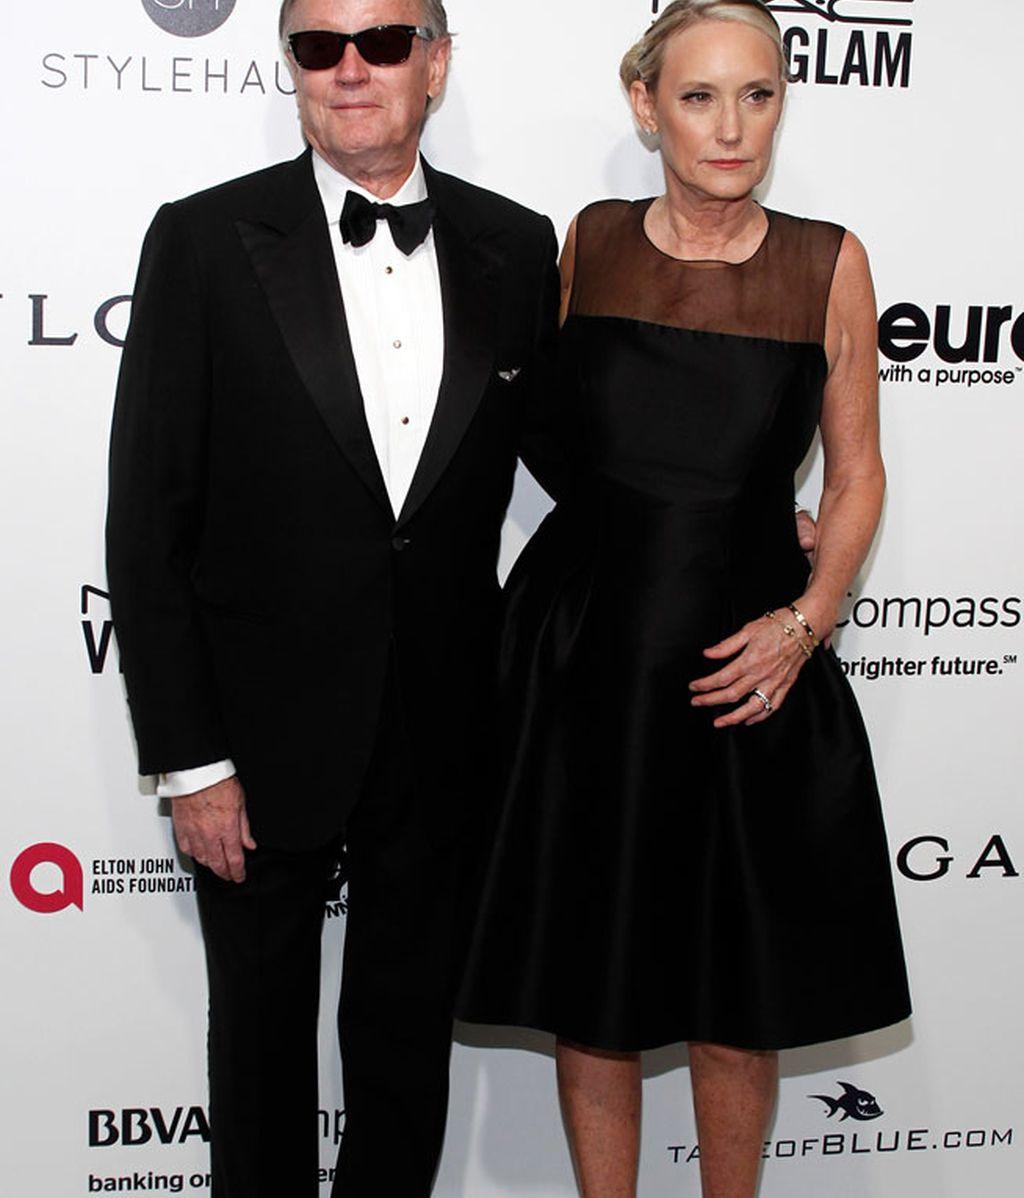 Peter Fonda tampoco faltó a la gran fiesta post Oscar